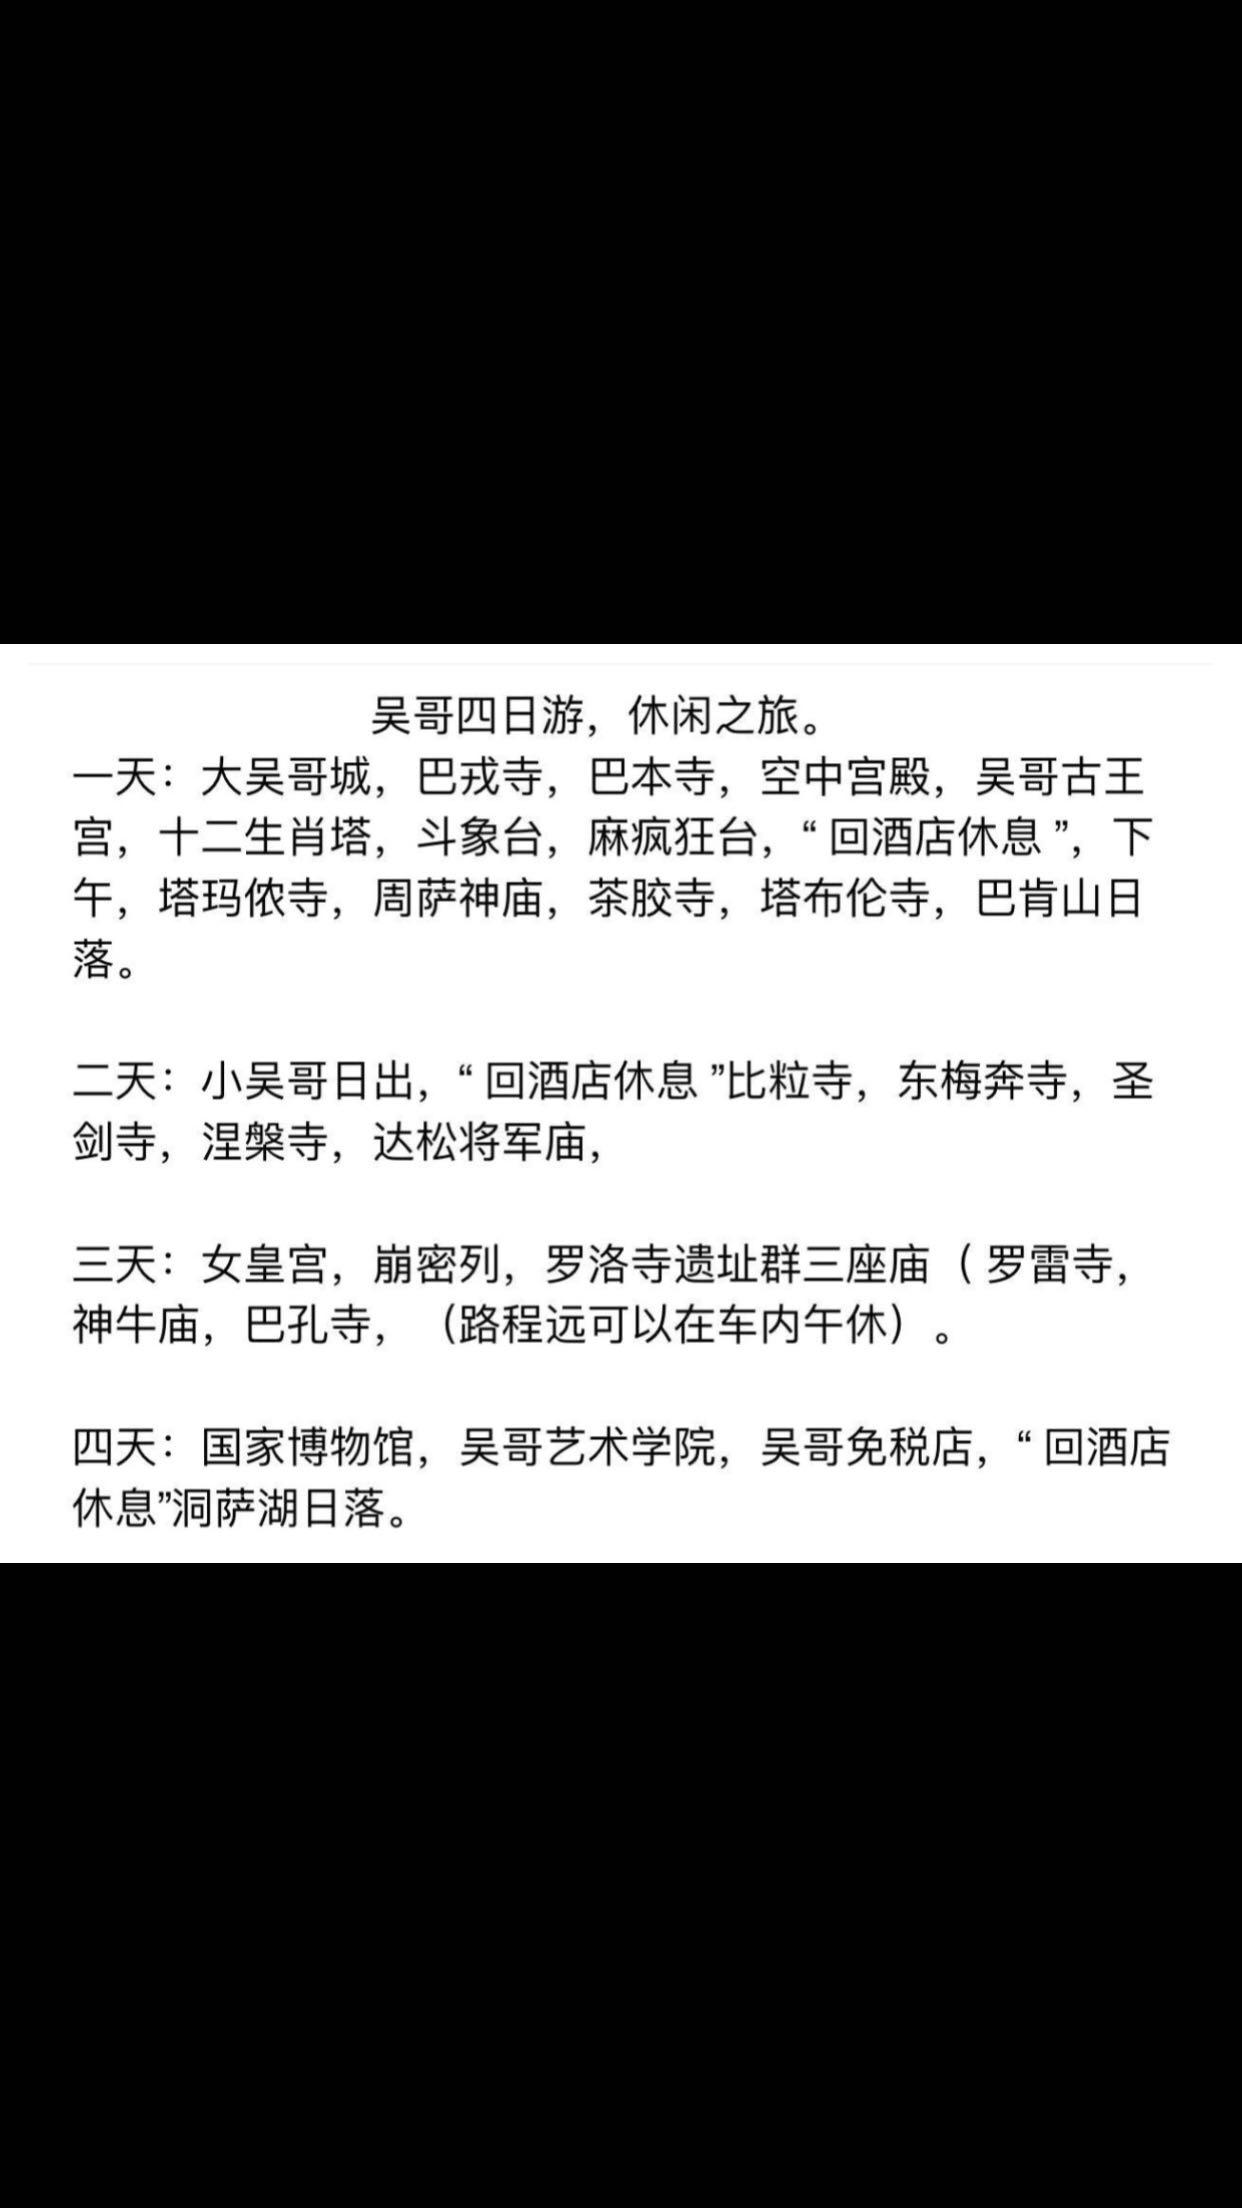 小李飞刀吴哥专业自由行。